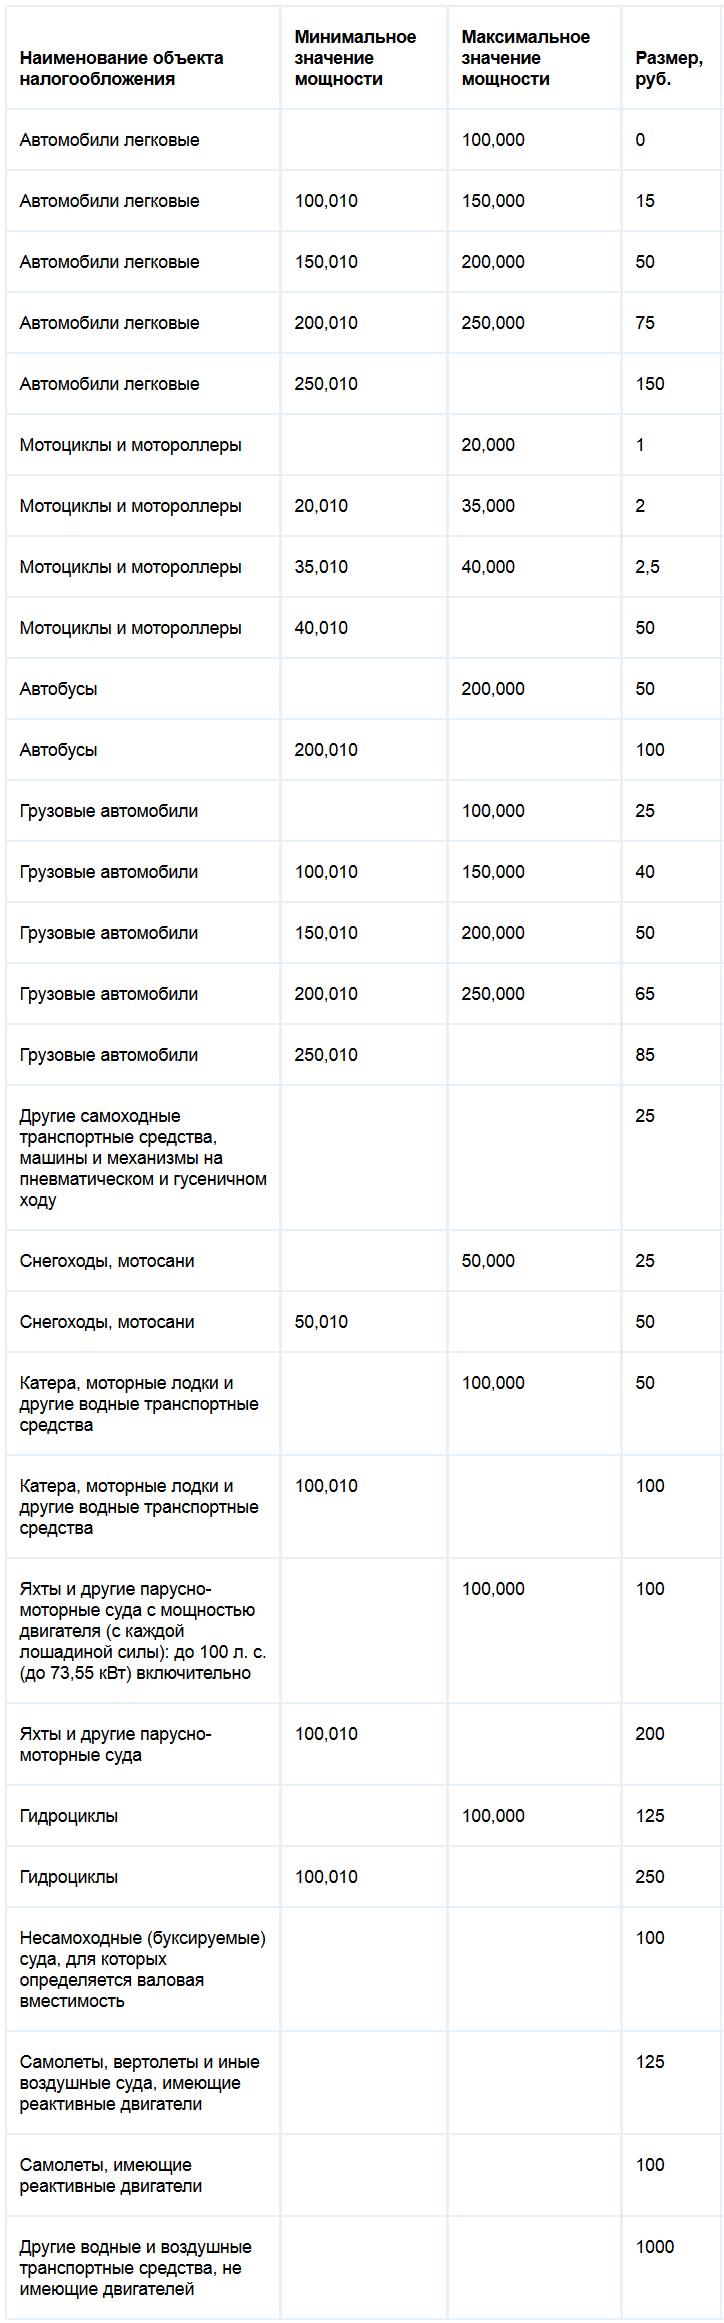 Ставки транспортного налога в липецкой области в 2008 году как заработать на путешествиях в интернет